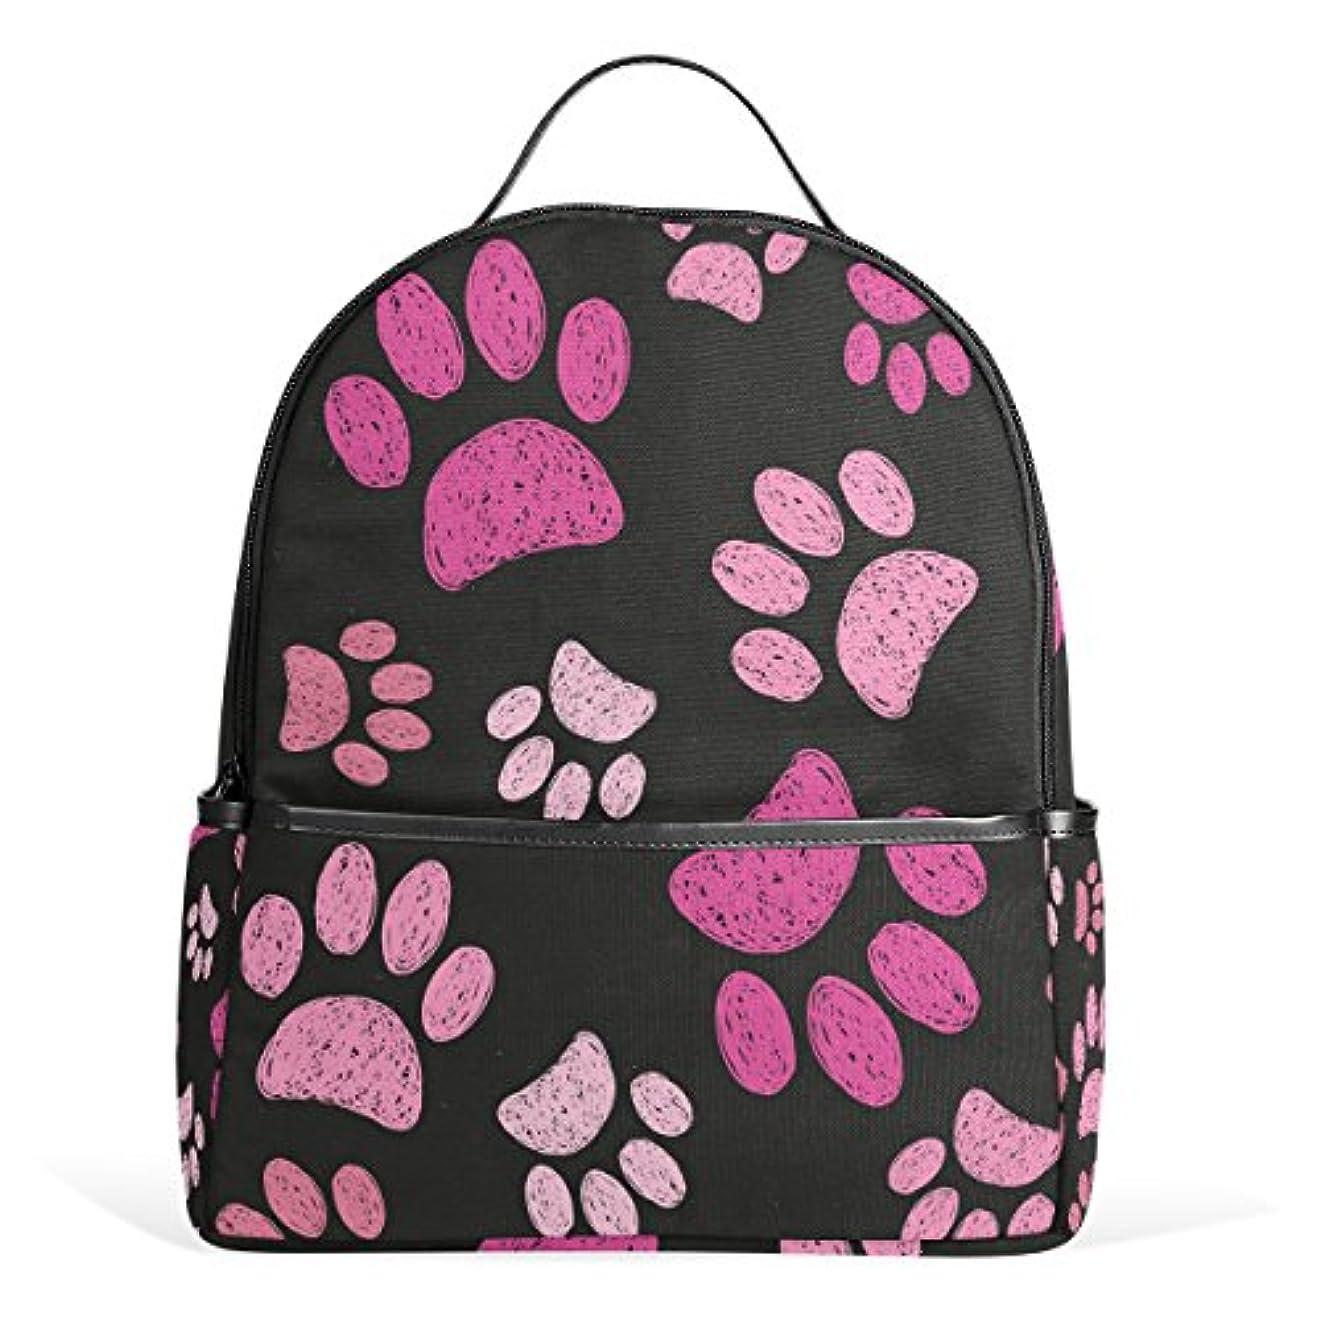 どっちでも公ピザバララ(La Rose) リュックサック 高校生 中学生 通学 通勤 かわいい ネコ 猫柄 足跡 絵柄 リュック レディース おしゃれ 大容量 軽量 子供 キャンバス バック 旅行 カジュアル デイパック